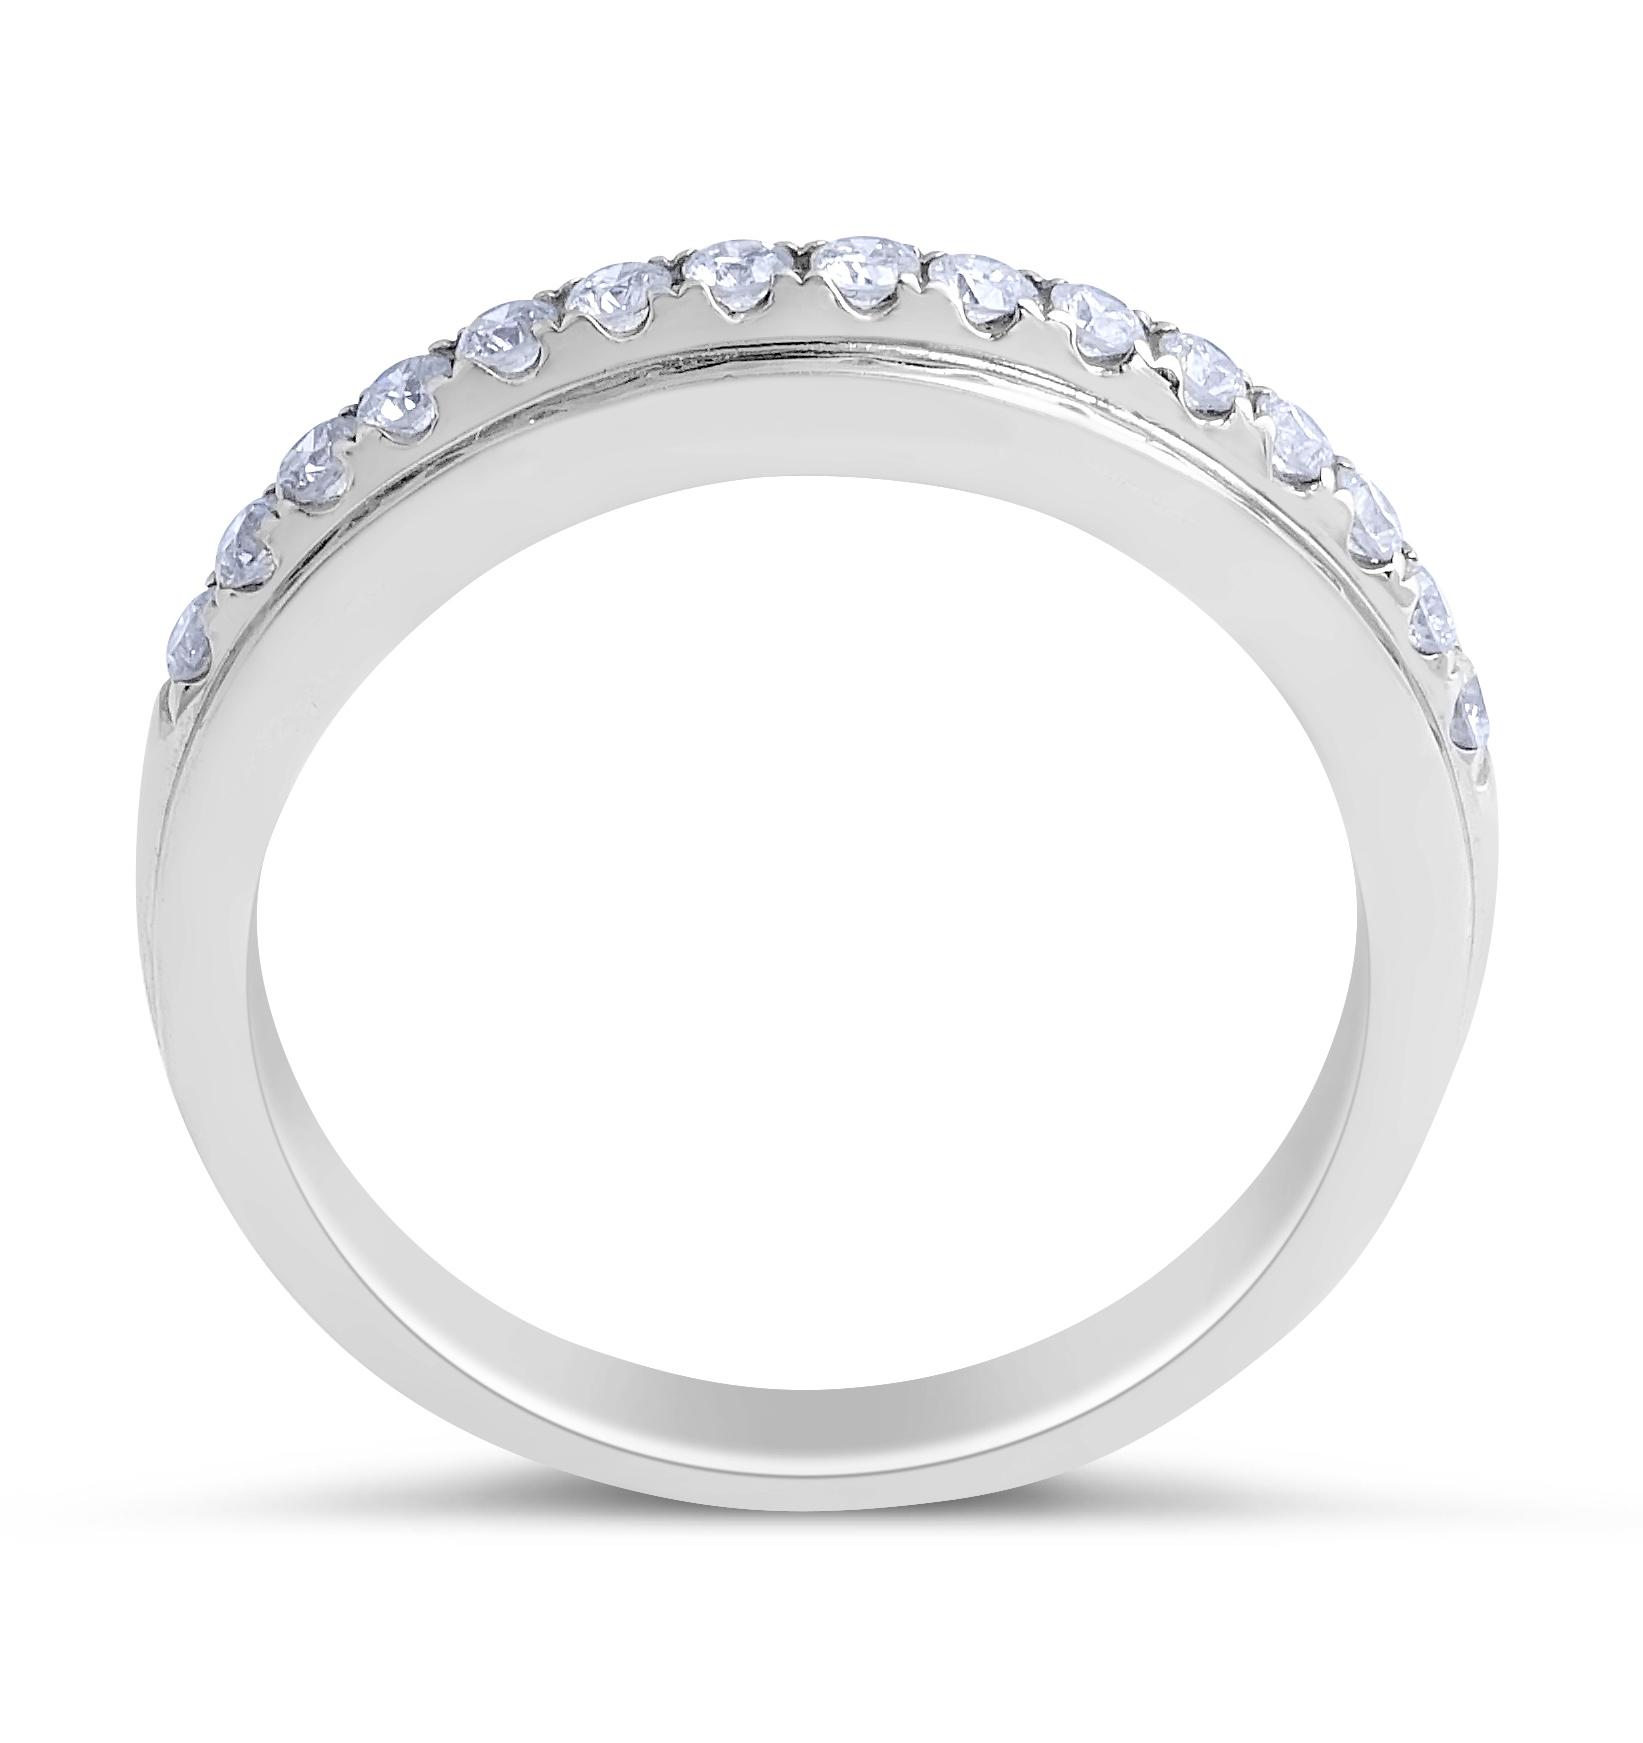 18 Karat White gold Diamond Wedding Band in Pave Setting